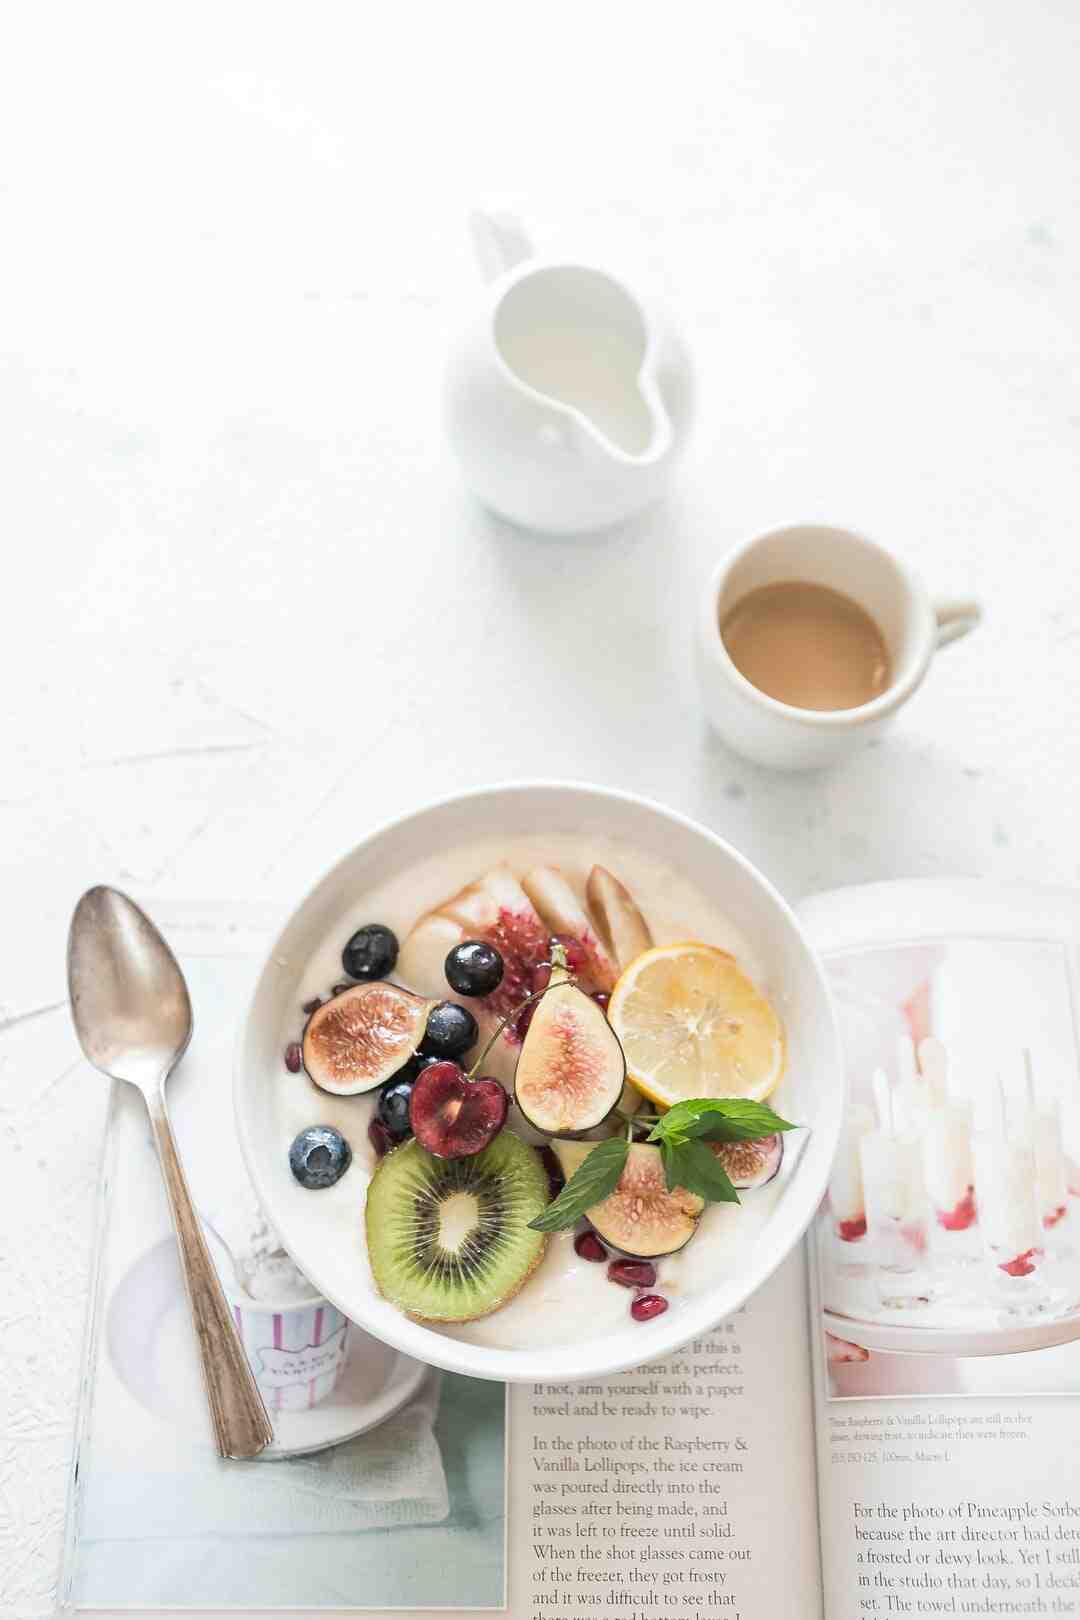 Comment développer de bonnes habitudes alimentaires